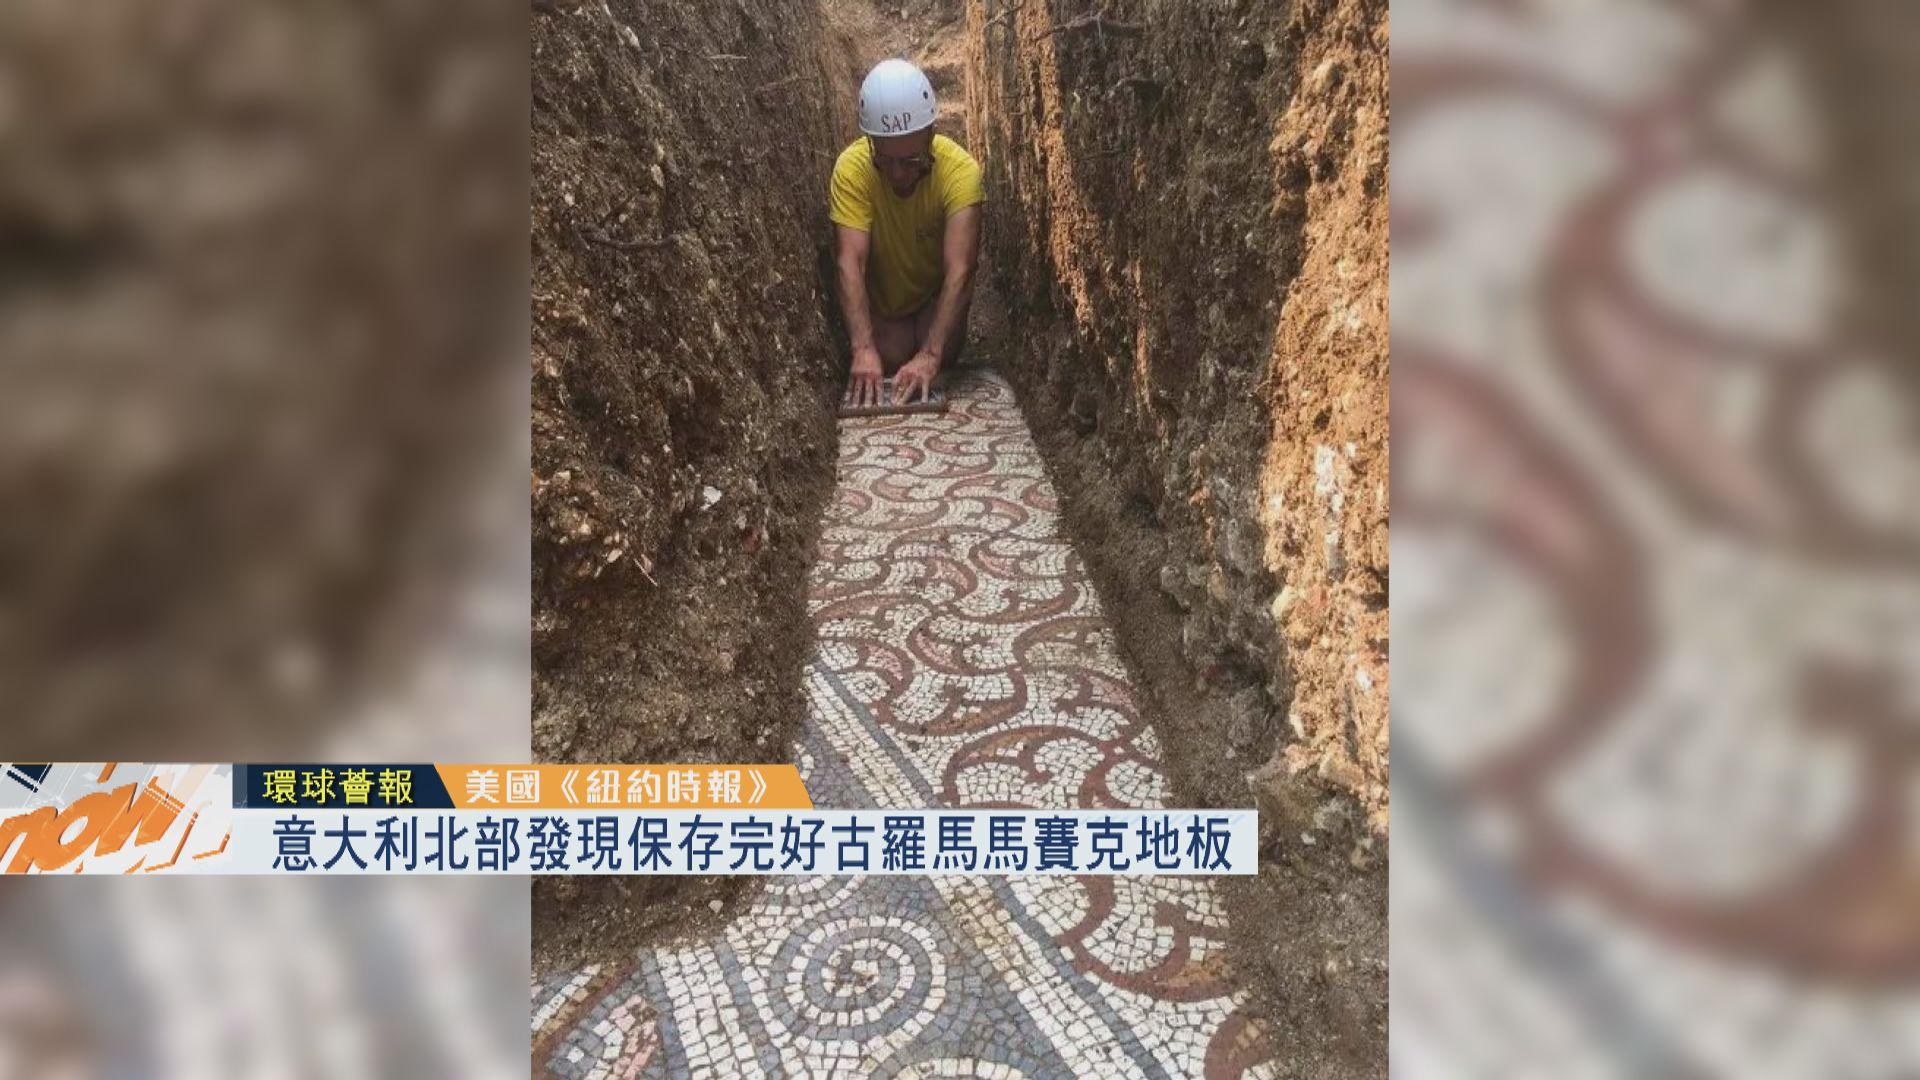 【環球薈報】意大利北部發現保存完好古羅馬馬賽克地板